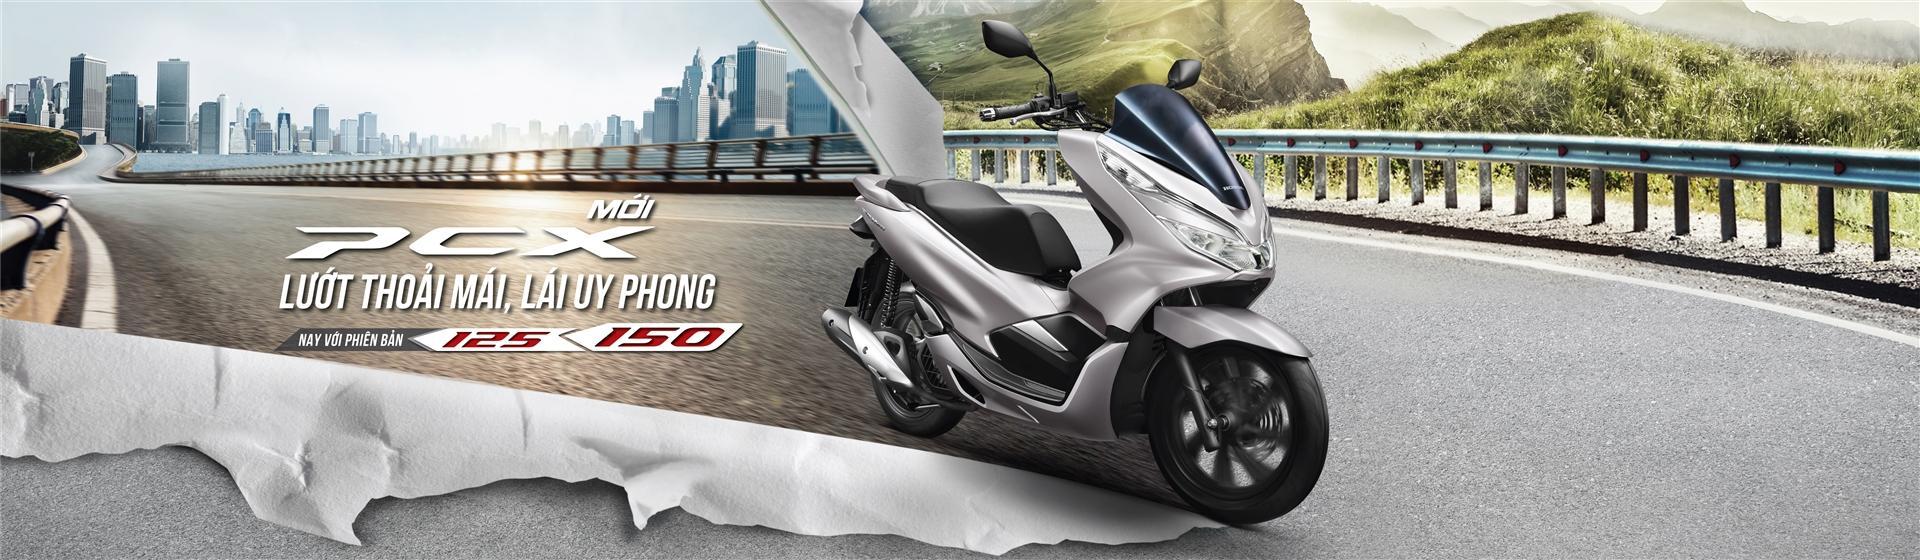 Honda PCX Mới Lướt Thoải Mái Lái Uy Phong